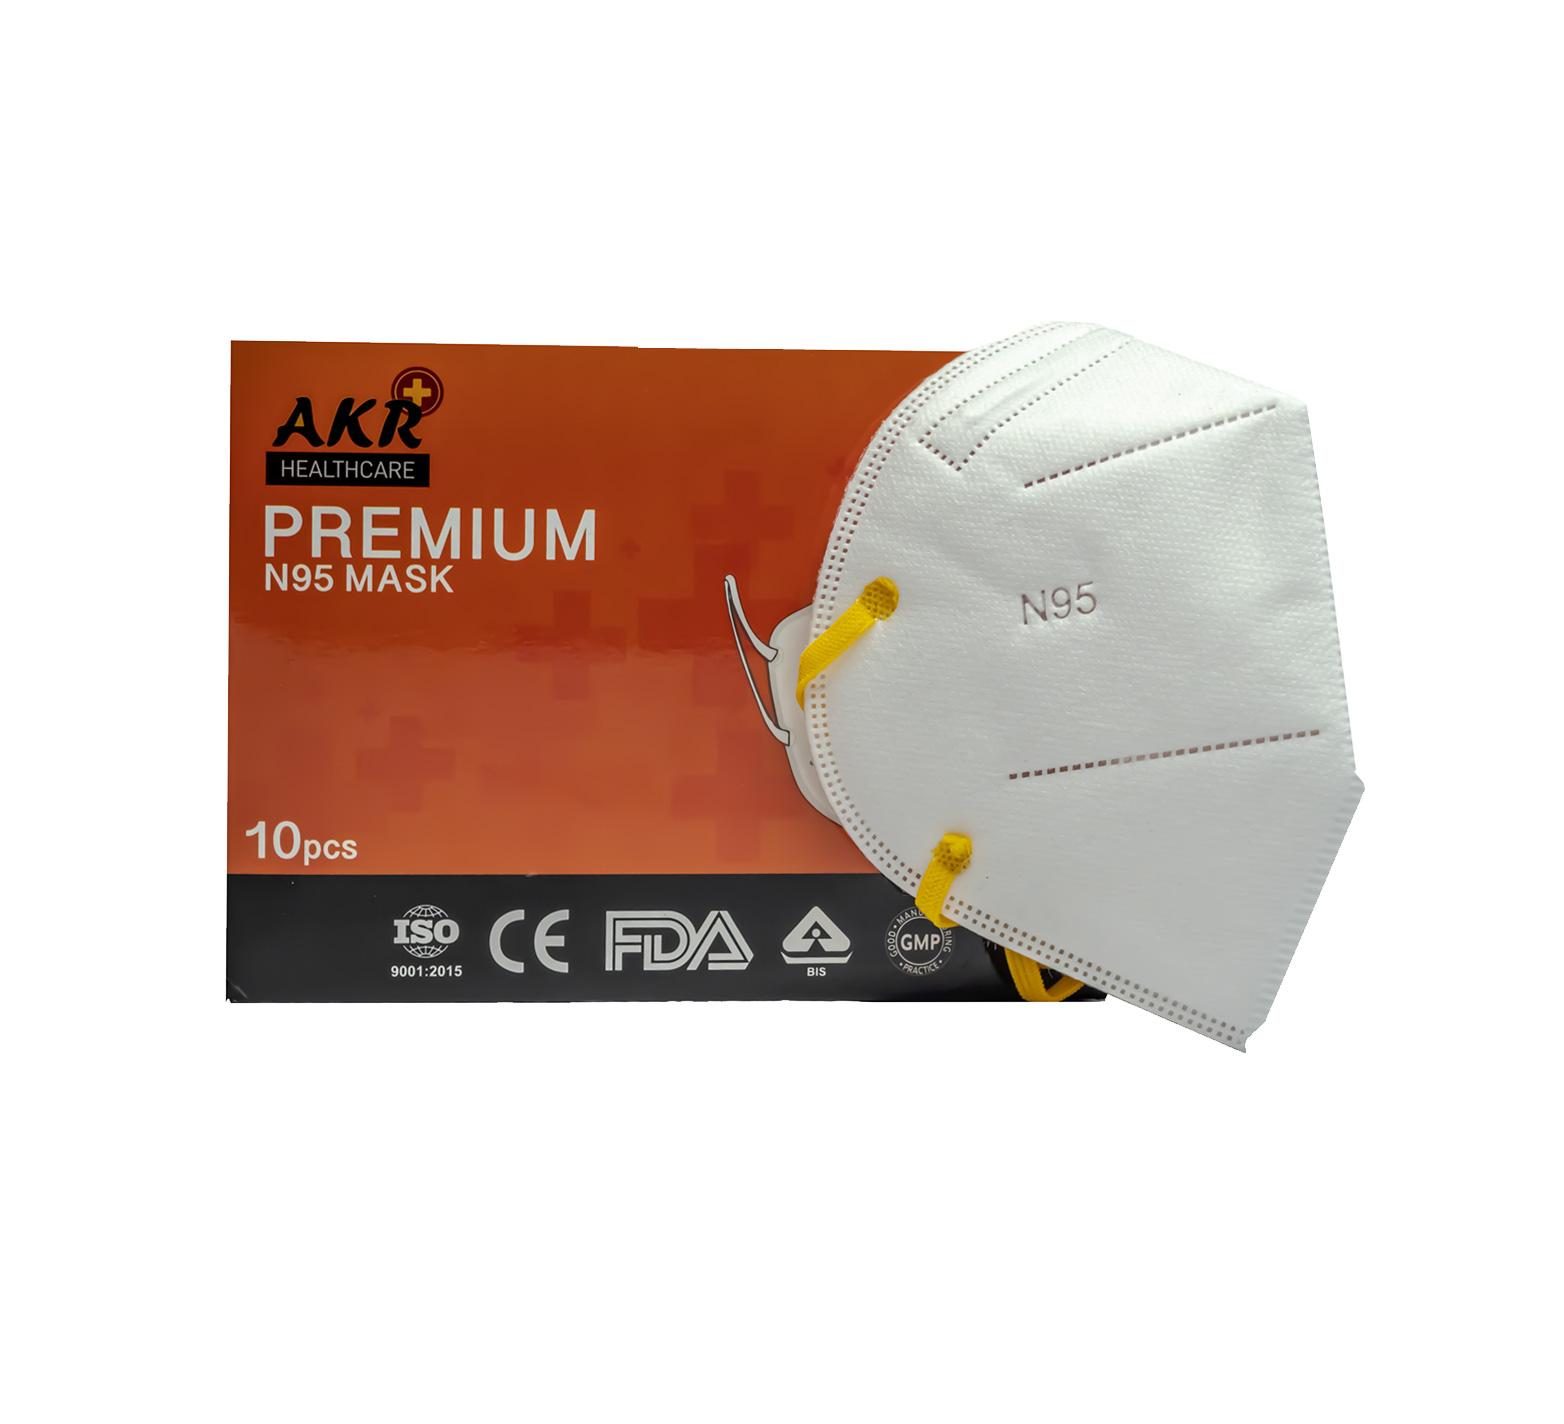 Premium N95 Mask